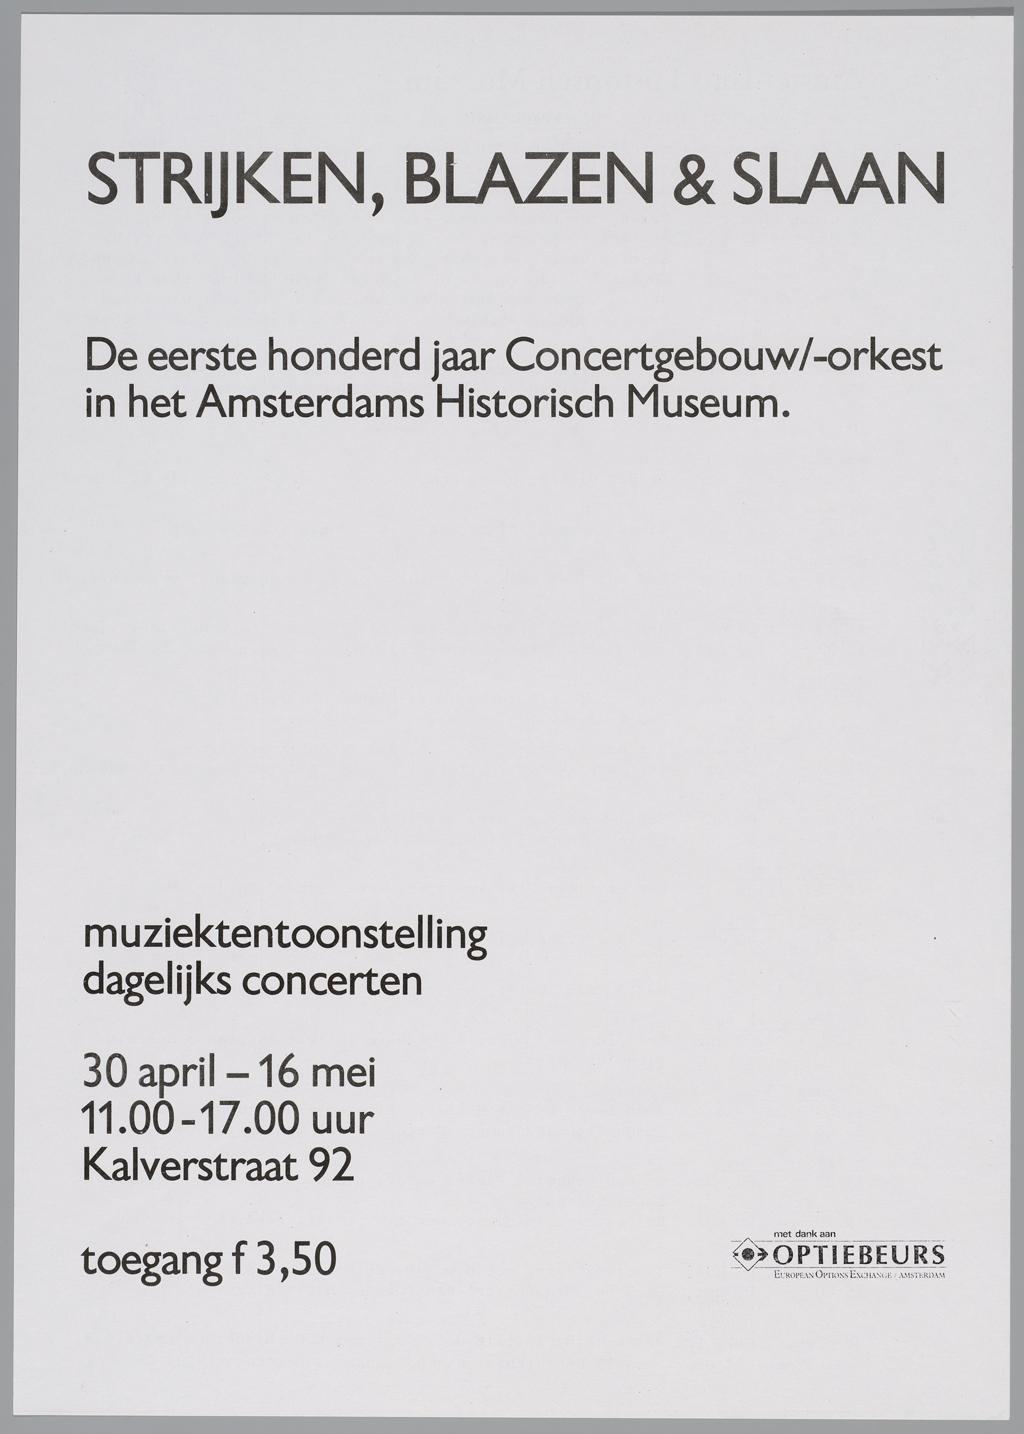 1988, affiche voor tentoonstelling Strijken, blazen & slaan